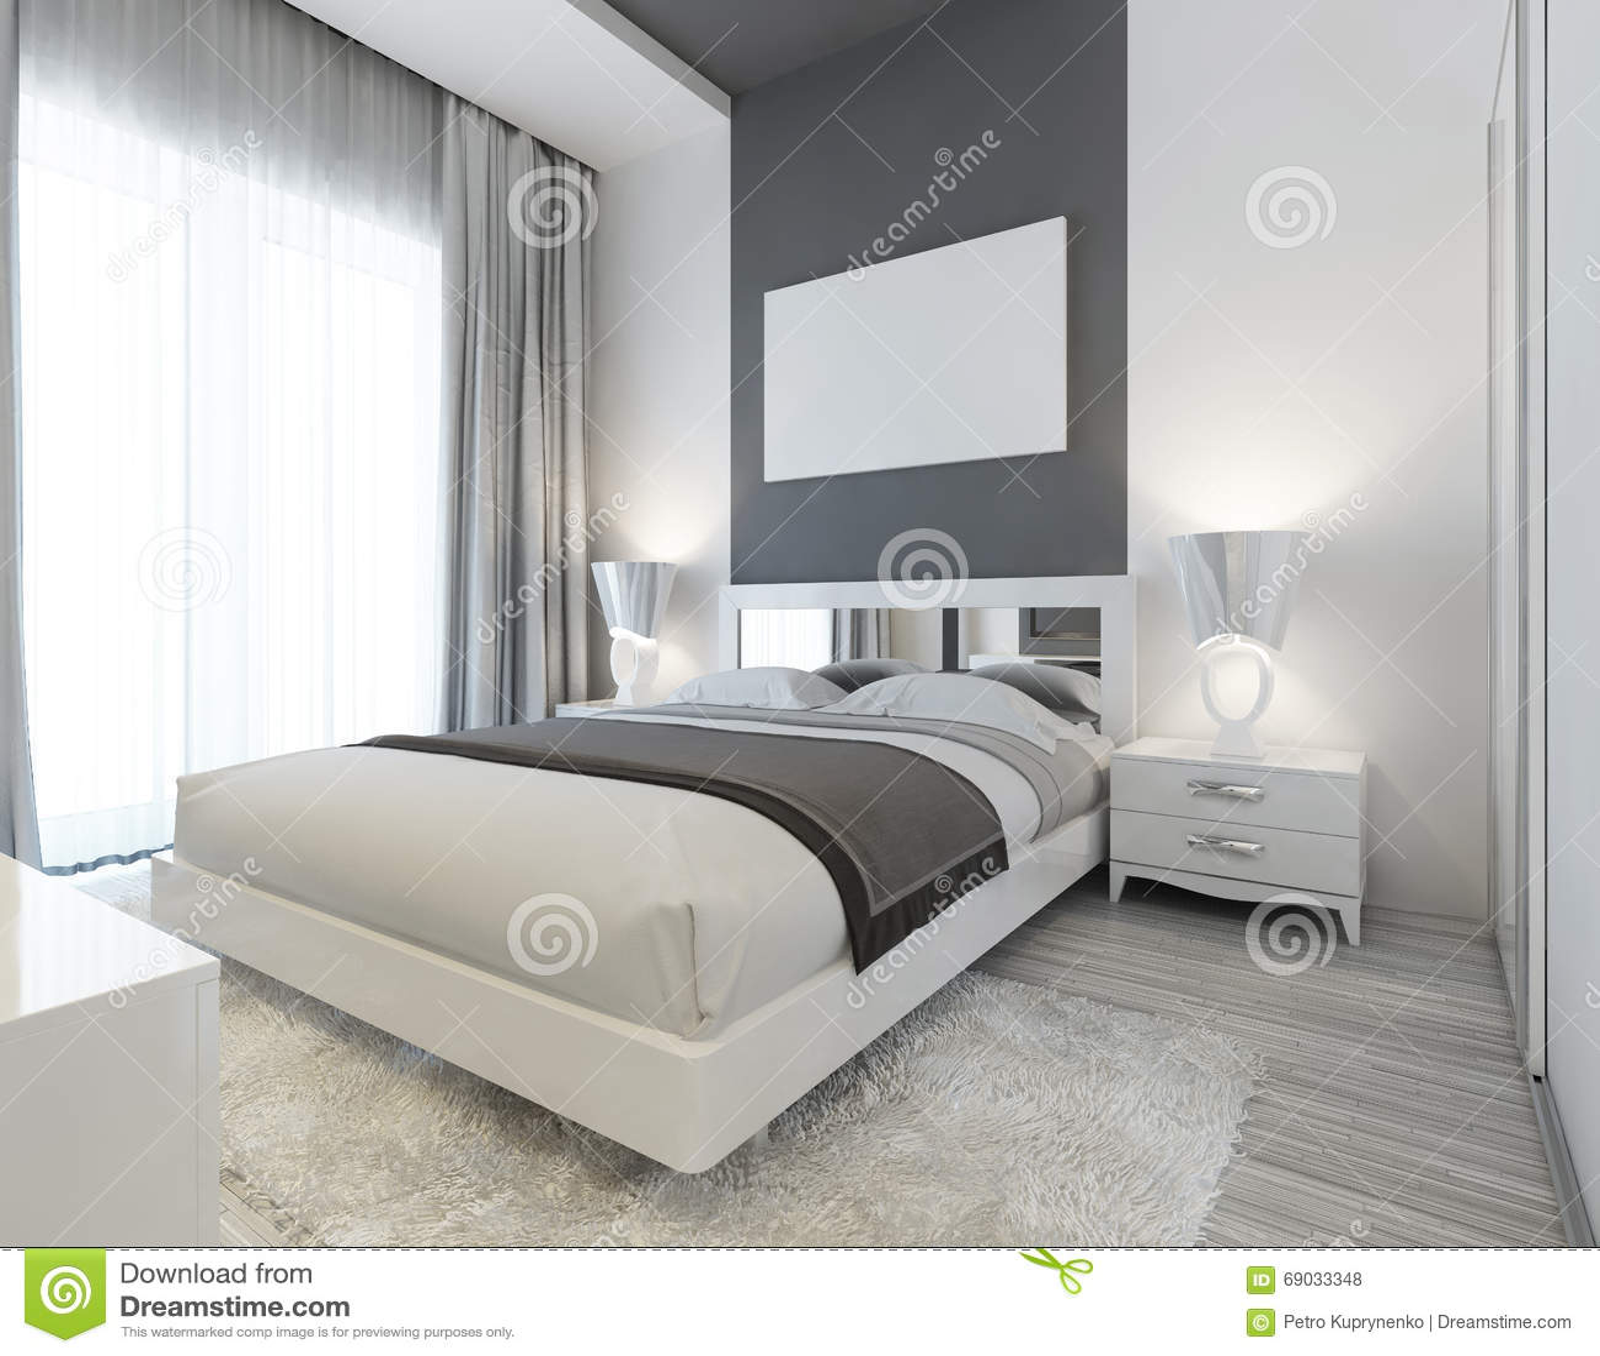 Slaapkamer in art deco stijl in witte en grijze kleuren stock illustratie afbeelding 69033348 - Kamer deco stijl ...